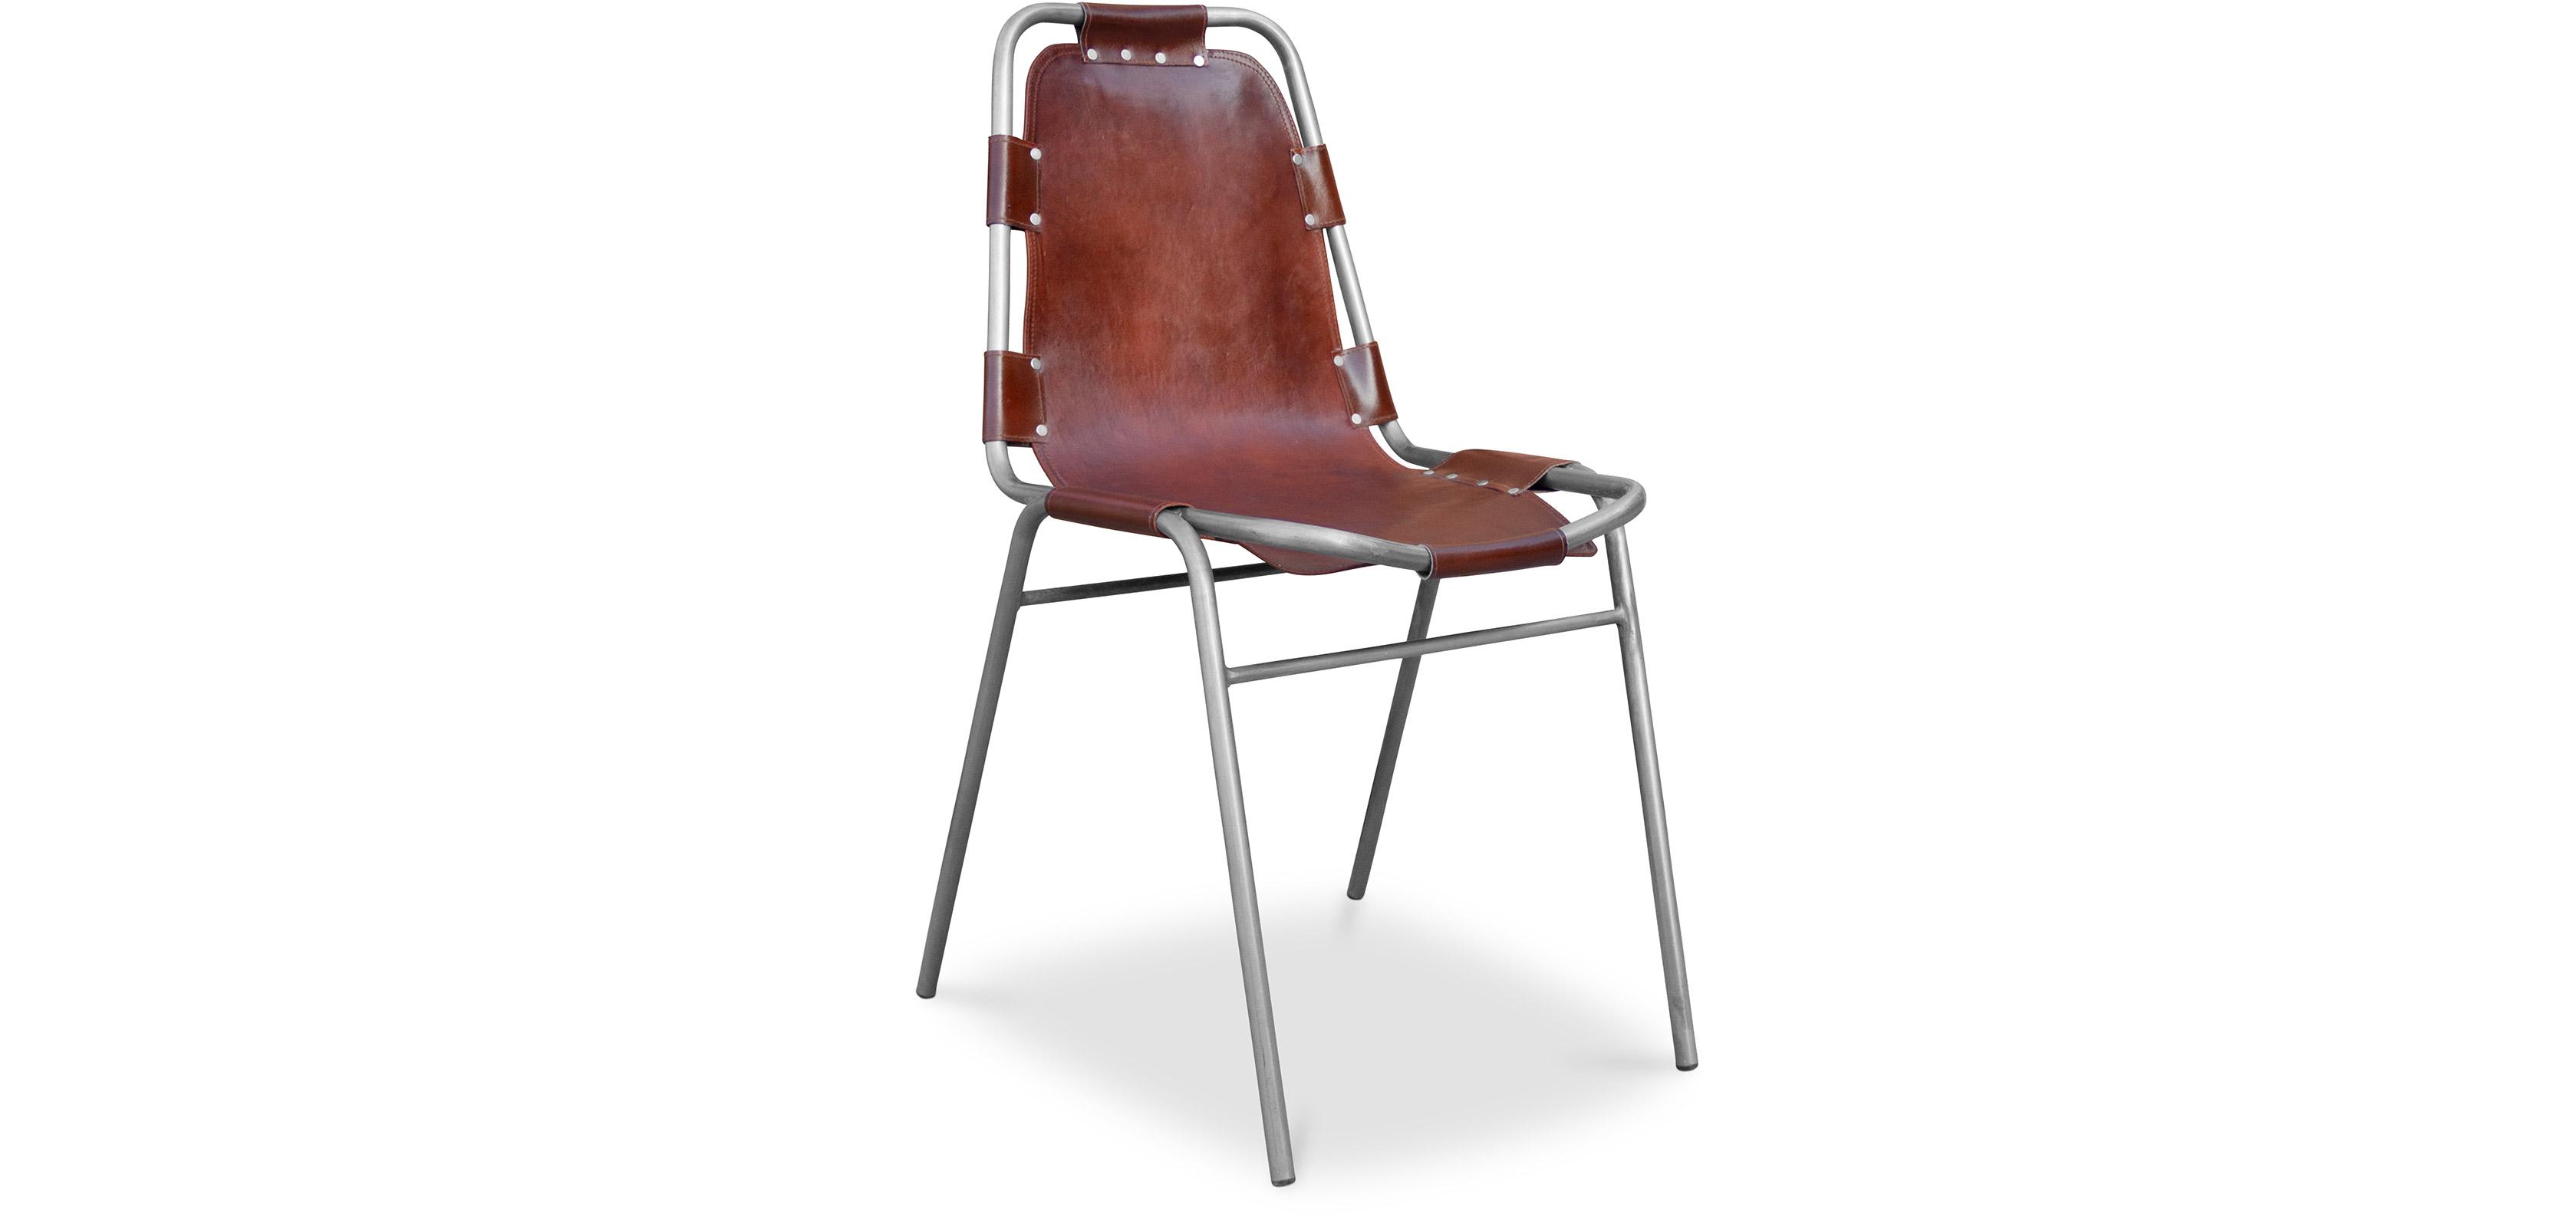 Chaise Vintage Design Industriel